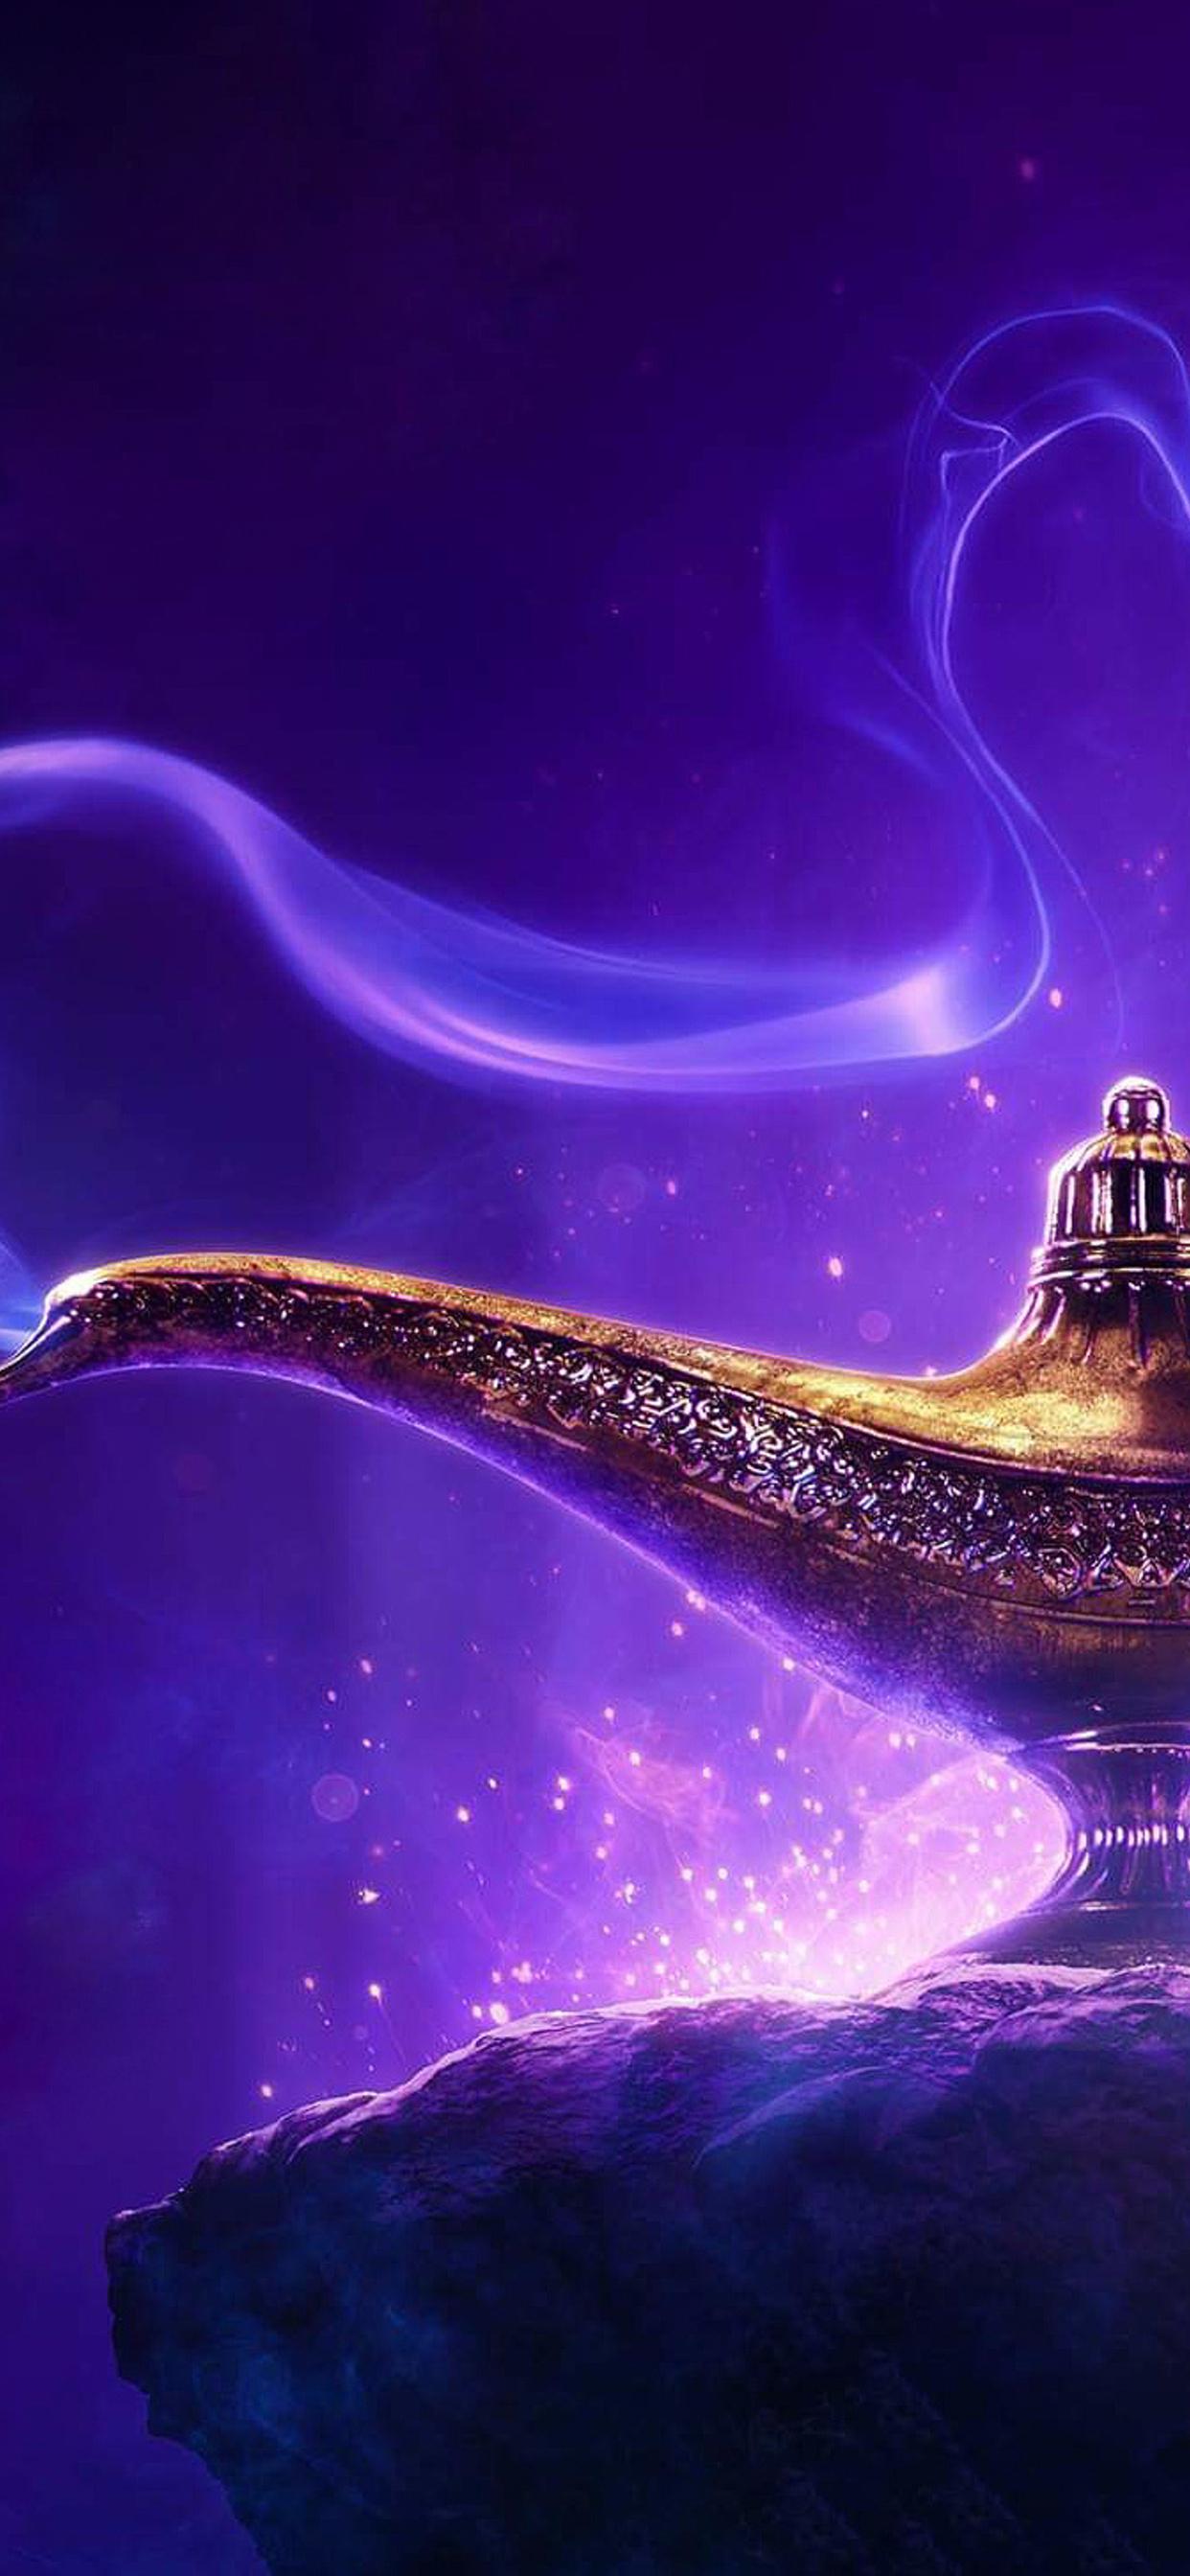 1242x2688 Aladdin 2019 Movie Iphone Xs Max Hd 4k Wallpapers